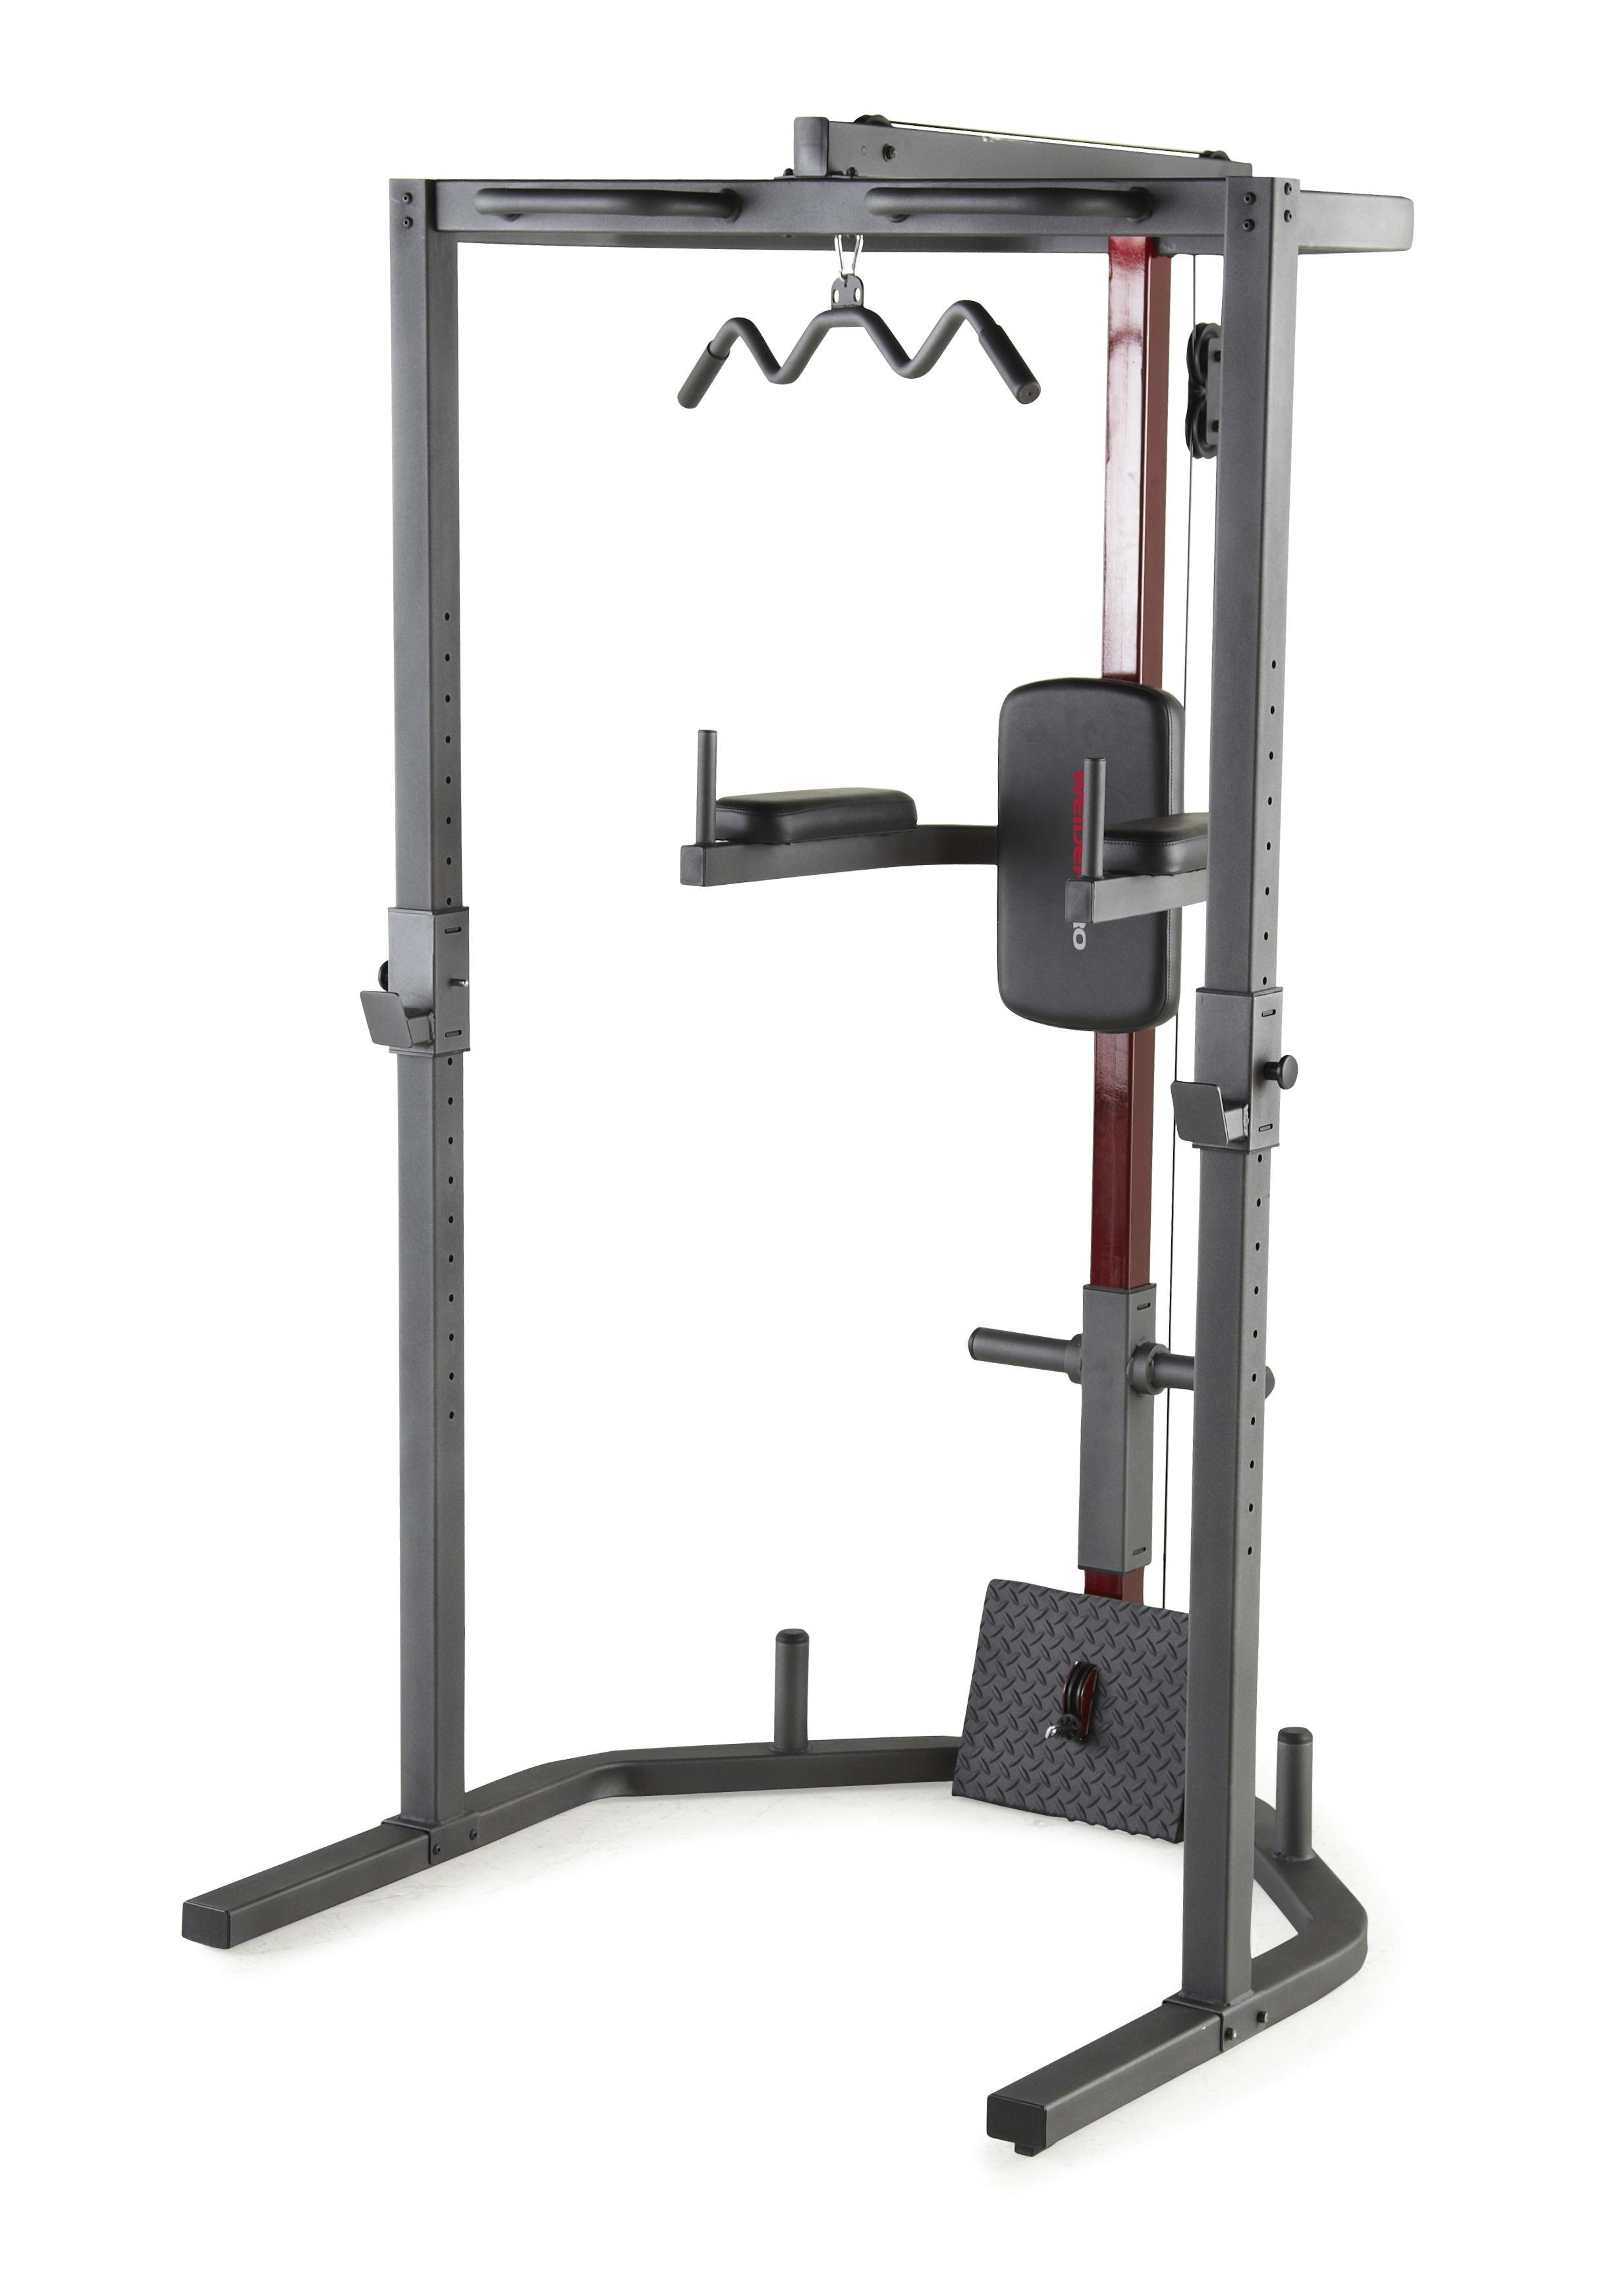 Weider Pro Power Rack Weider Pro Power Rack Home Gym Weight Trainer Home Gym Stuff